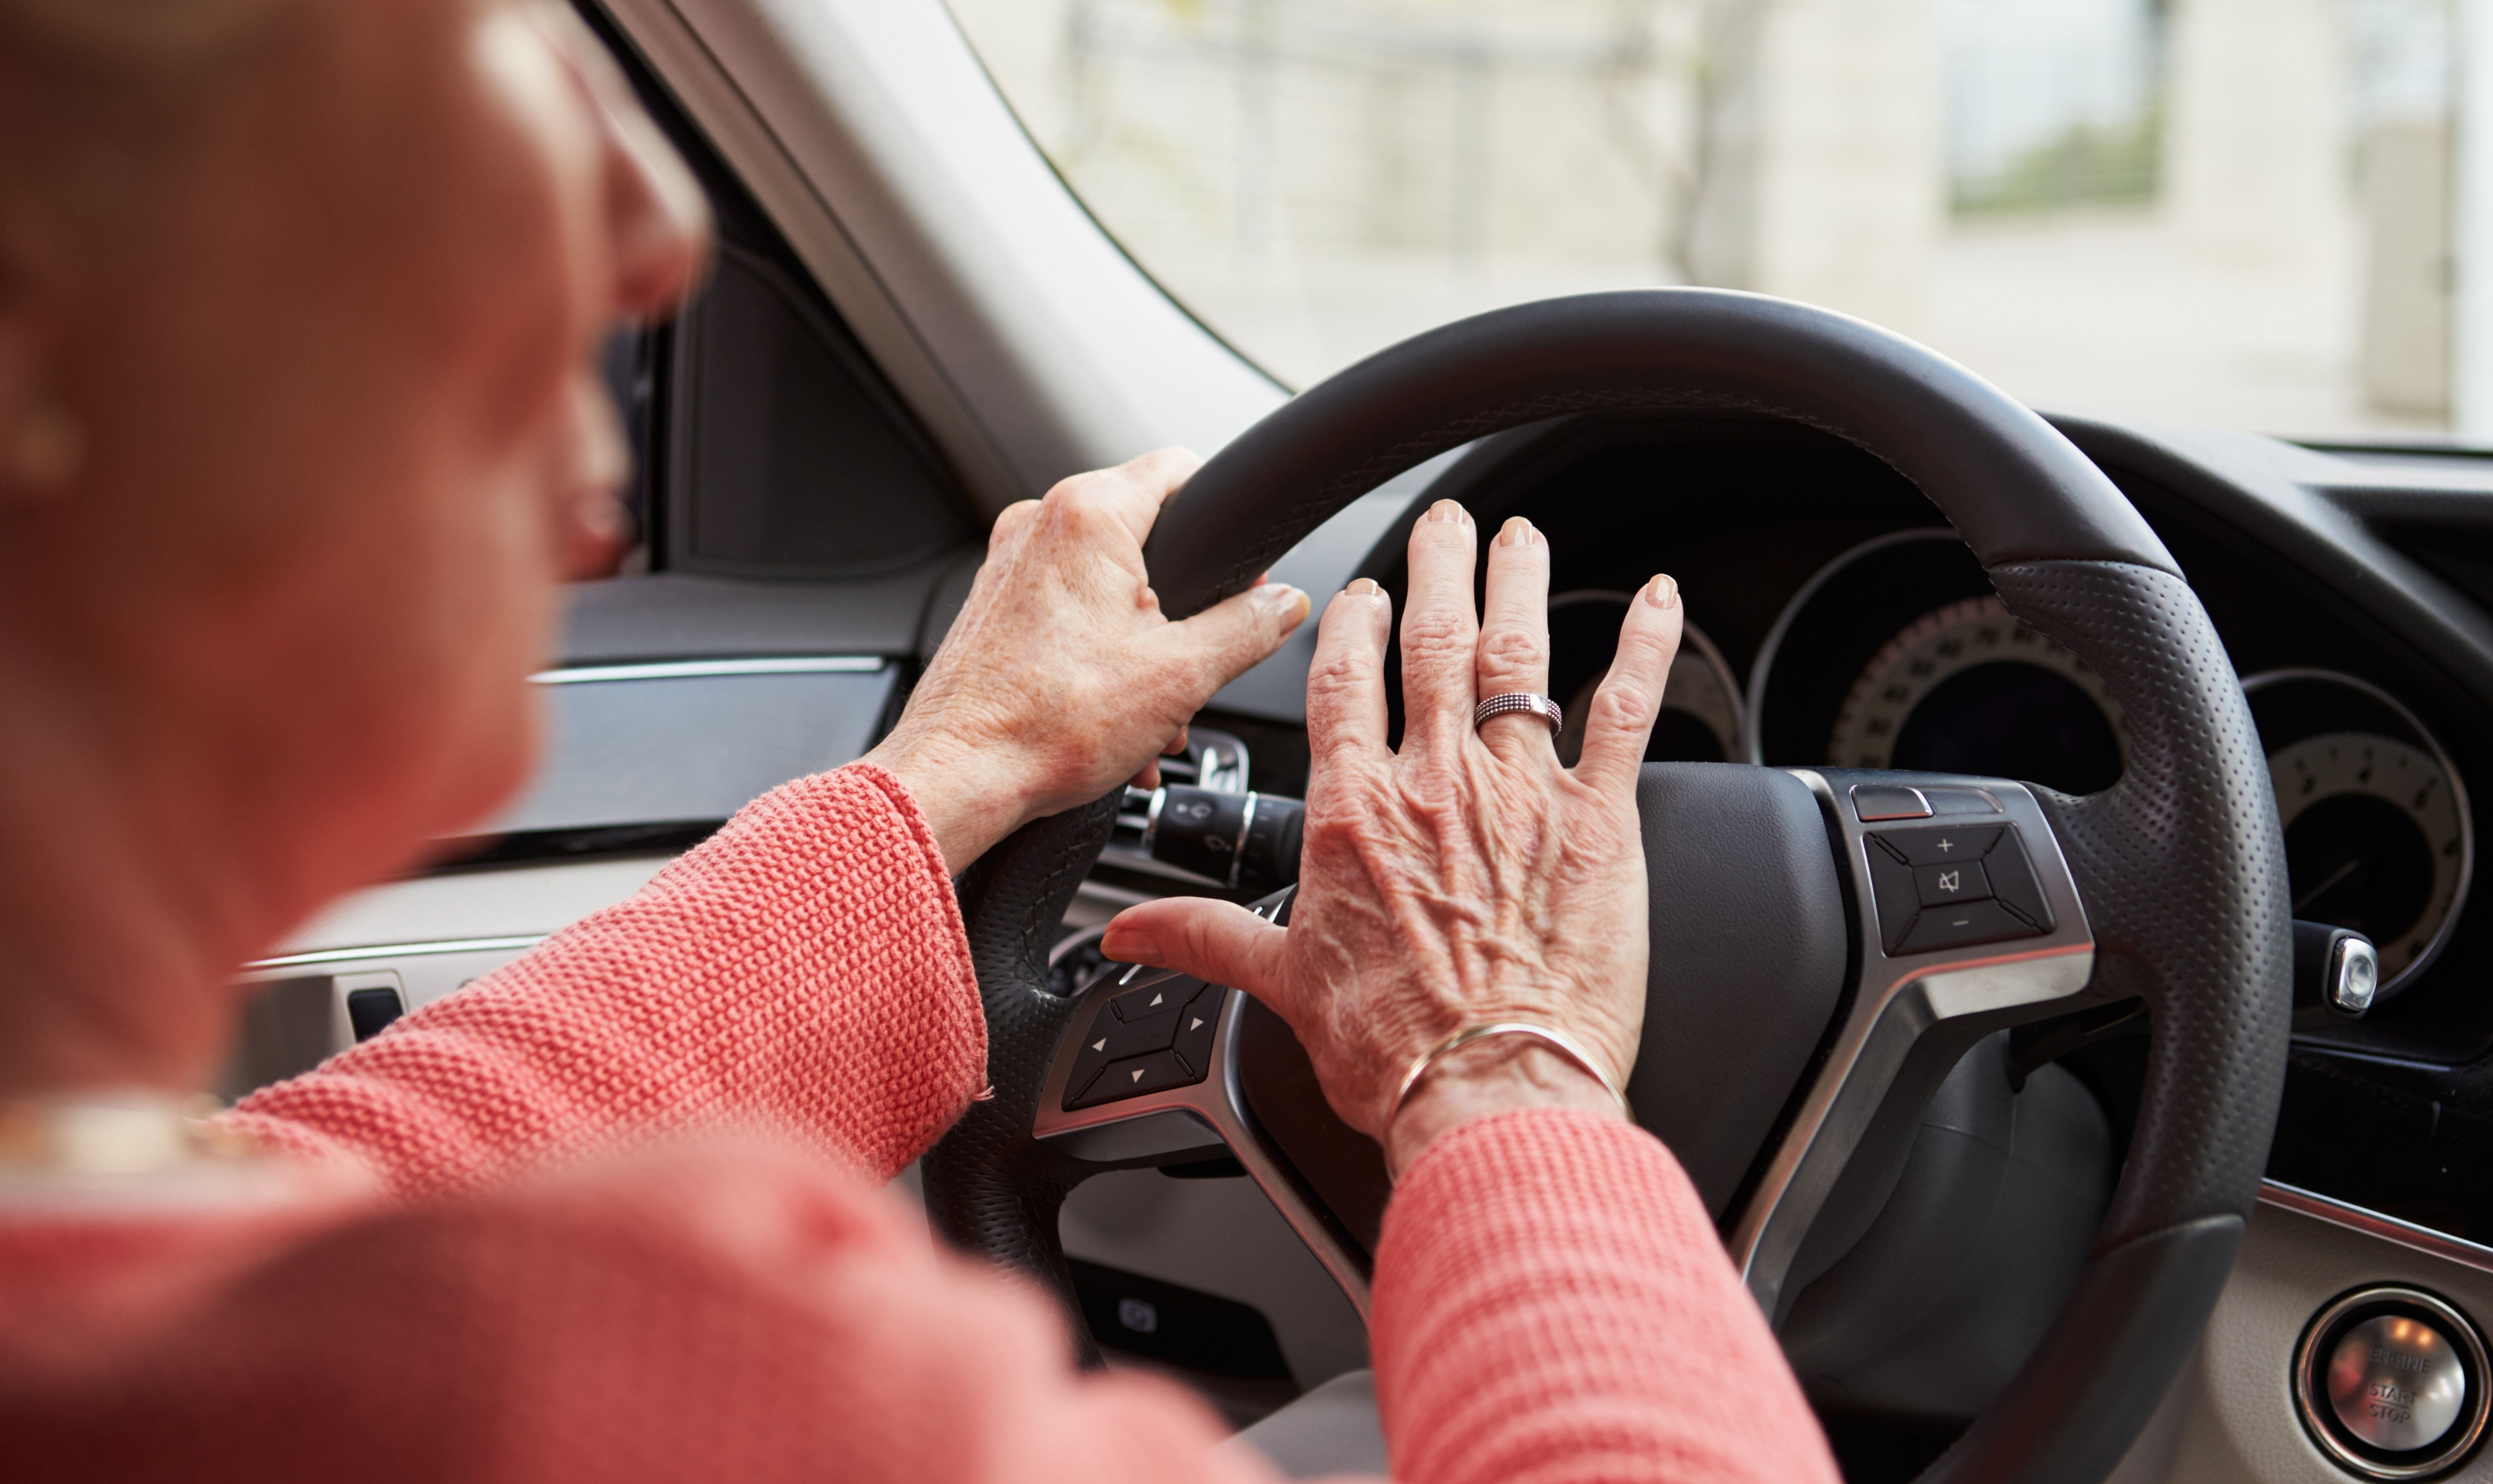 להרגיש בטוחים בכביש גם בתקופת הקורונה